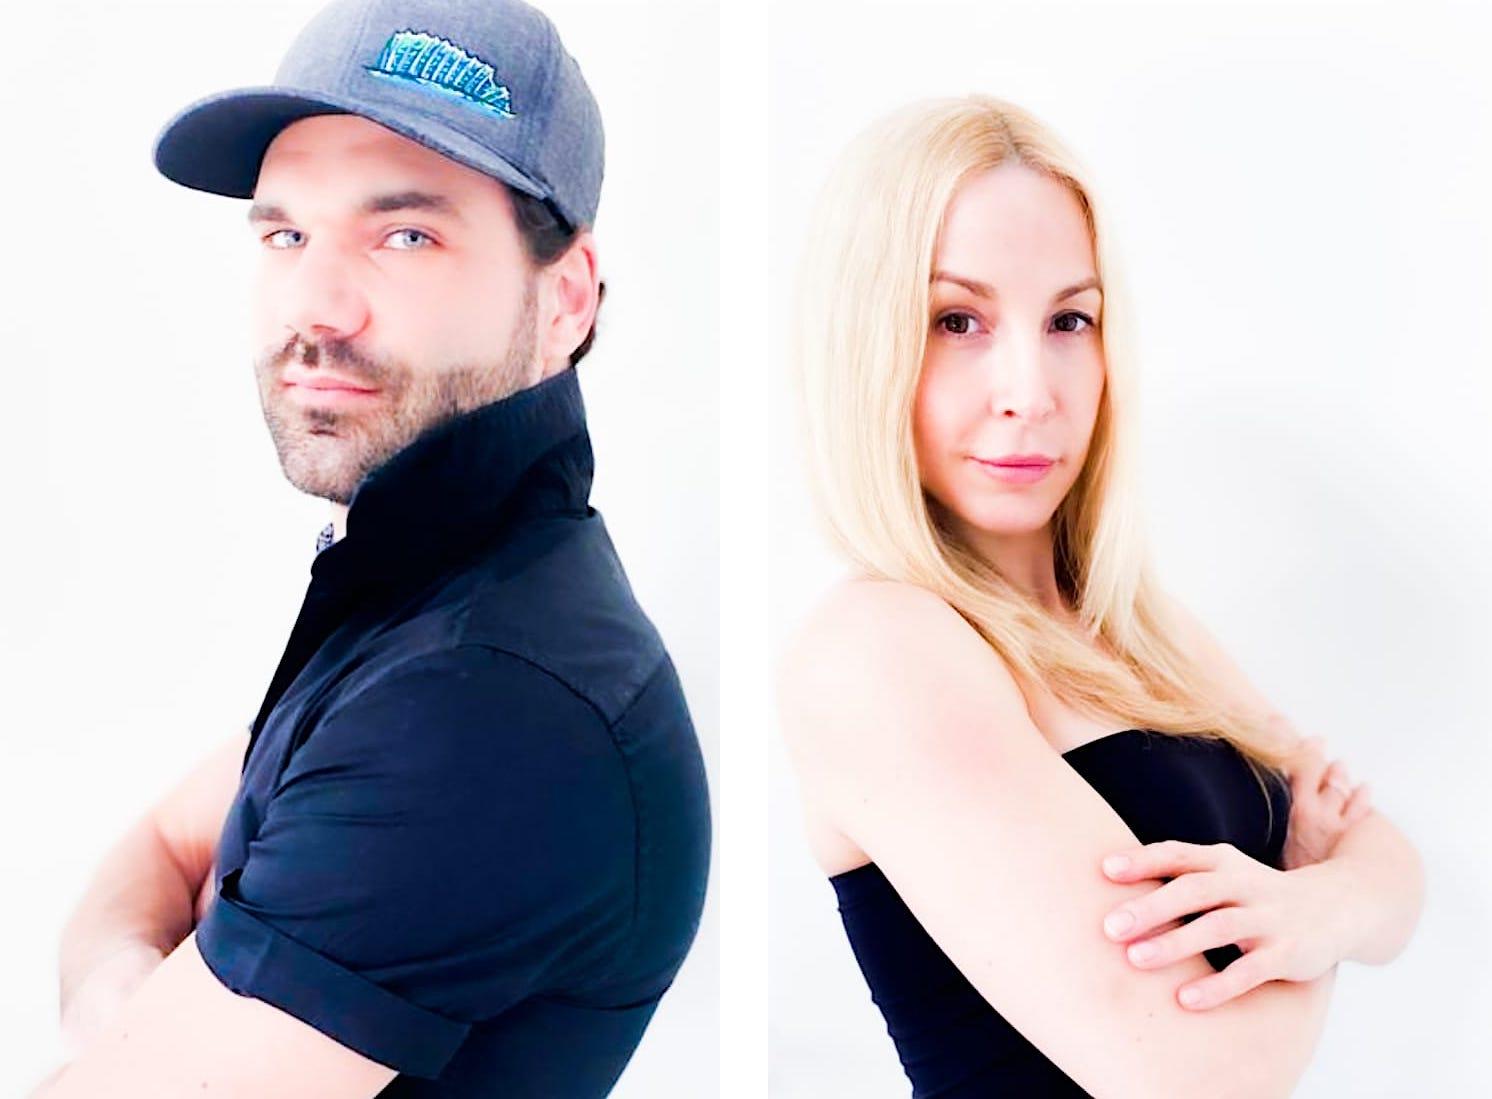 Hochzeit Mike Cees Michelle Monballijn Heirat Standesamt Ehe Eheleute geheiratet Model Schauspieler eblog red